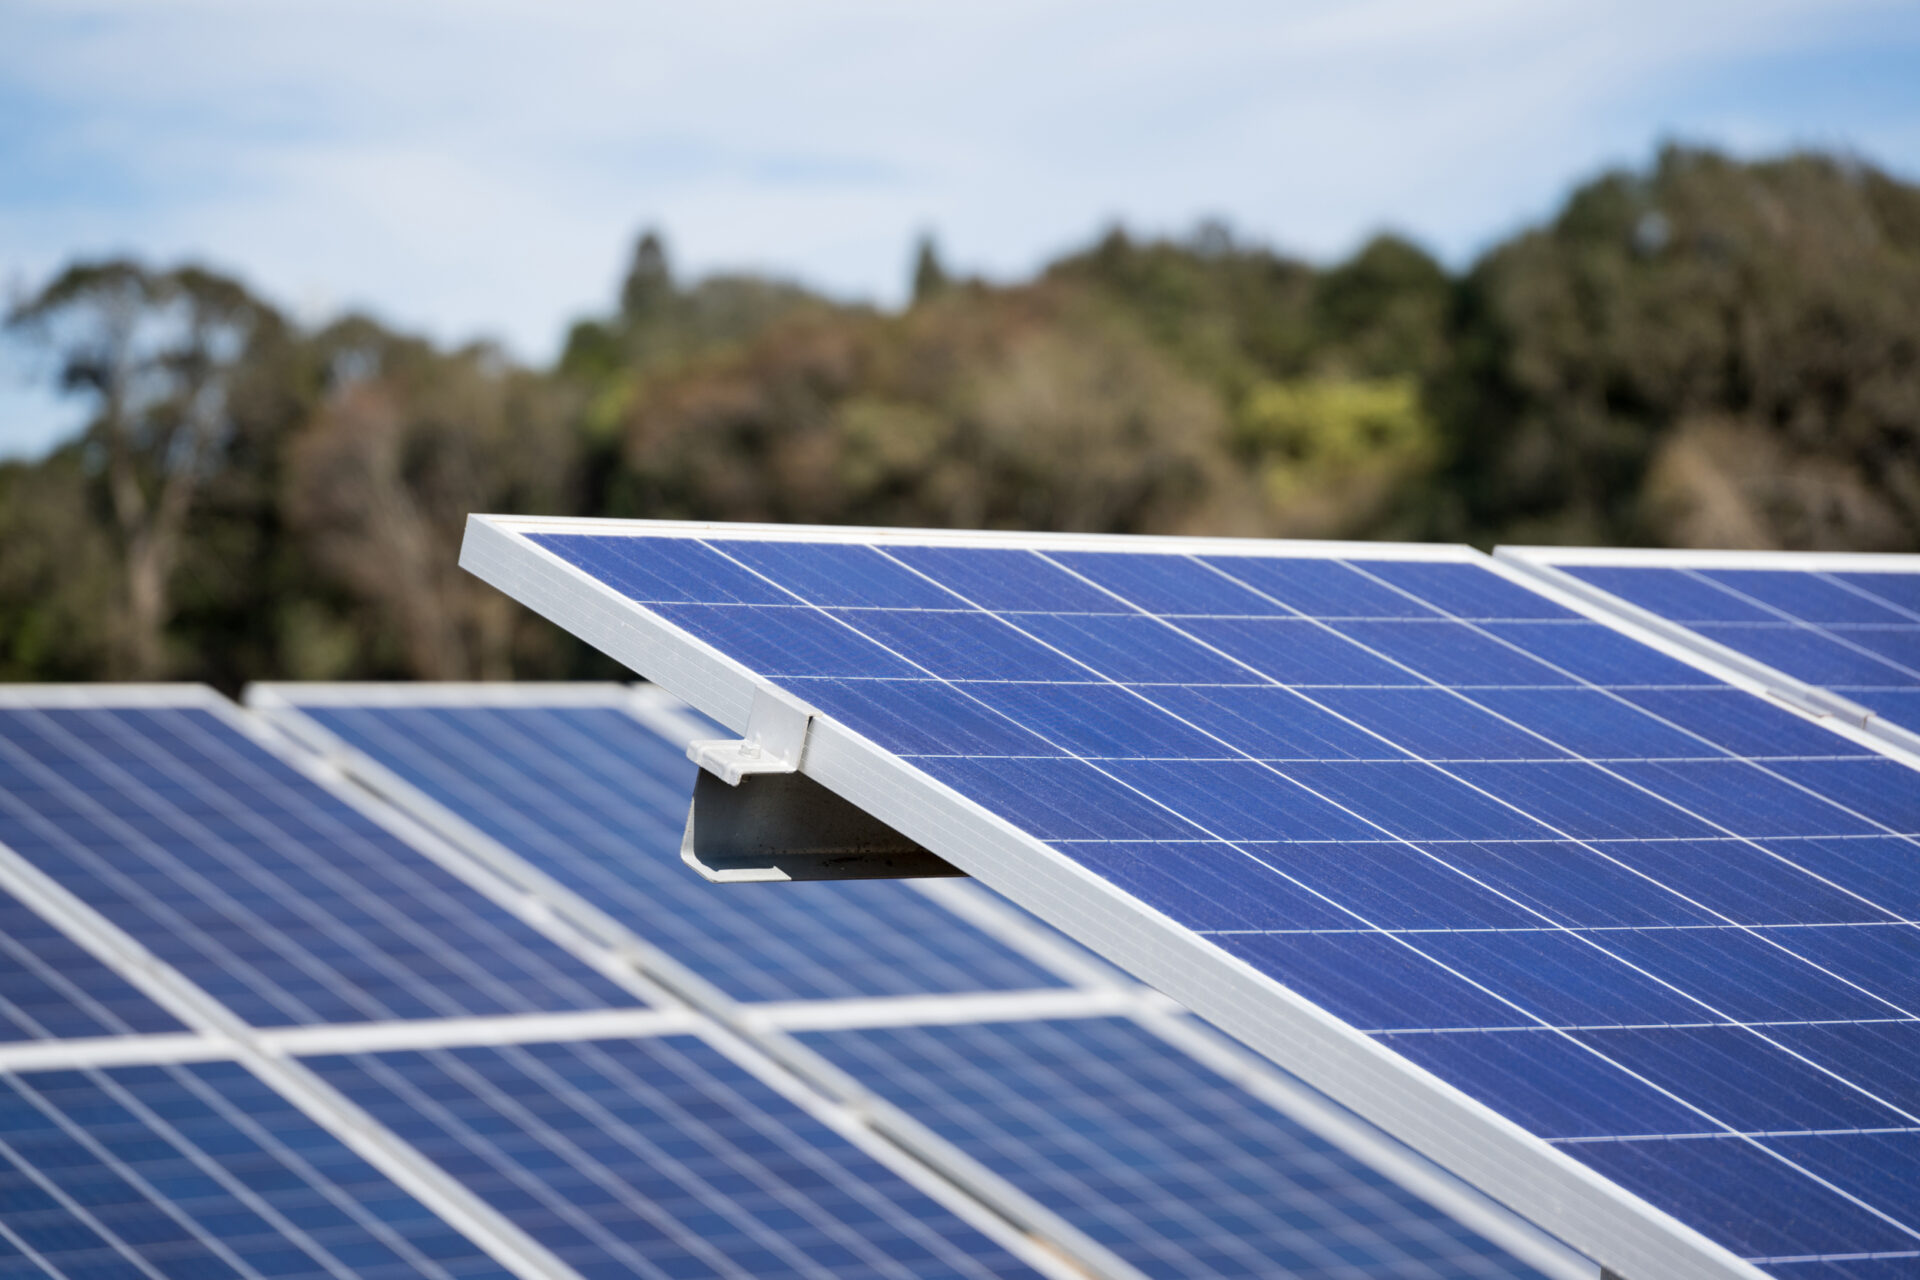 中古太陽光発電所の売買査定ポイントはここ!高く売るためにしっておくべき要点まとめ